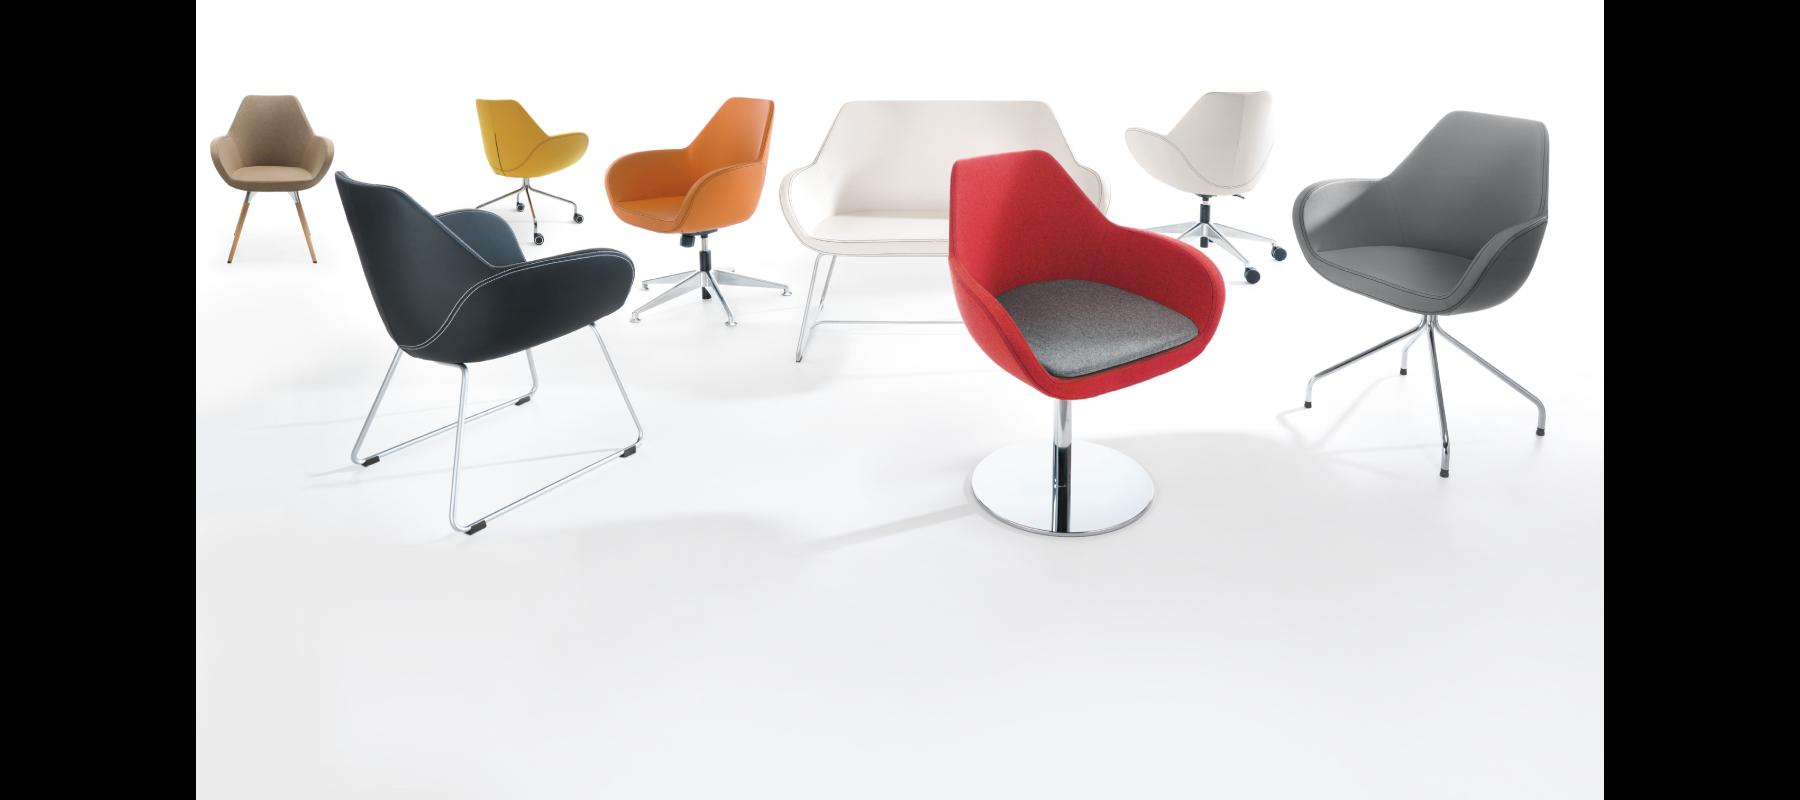 krzesła konferencyjne fan aranżacje - 53